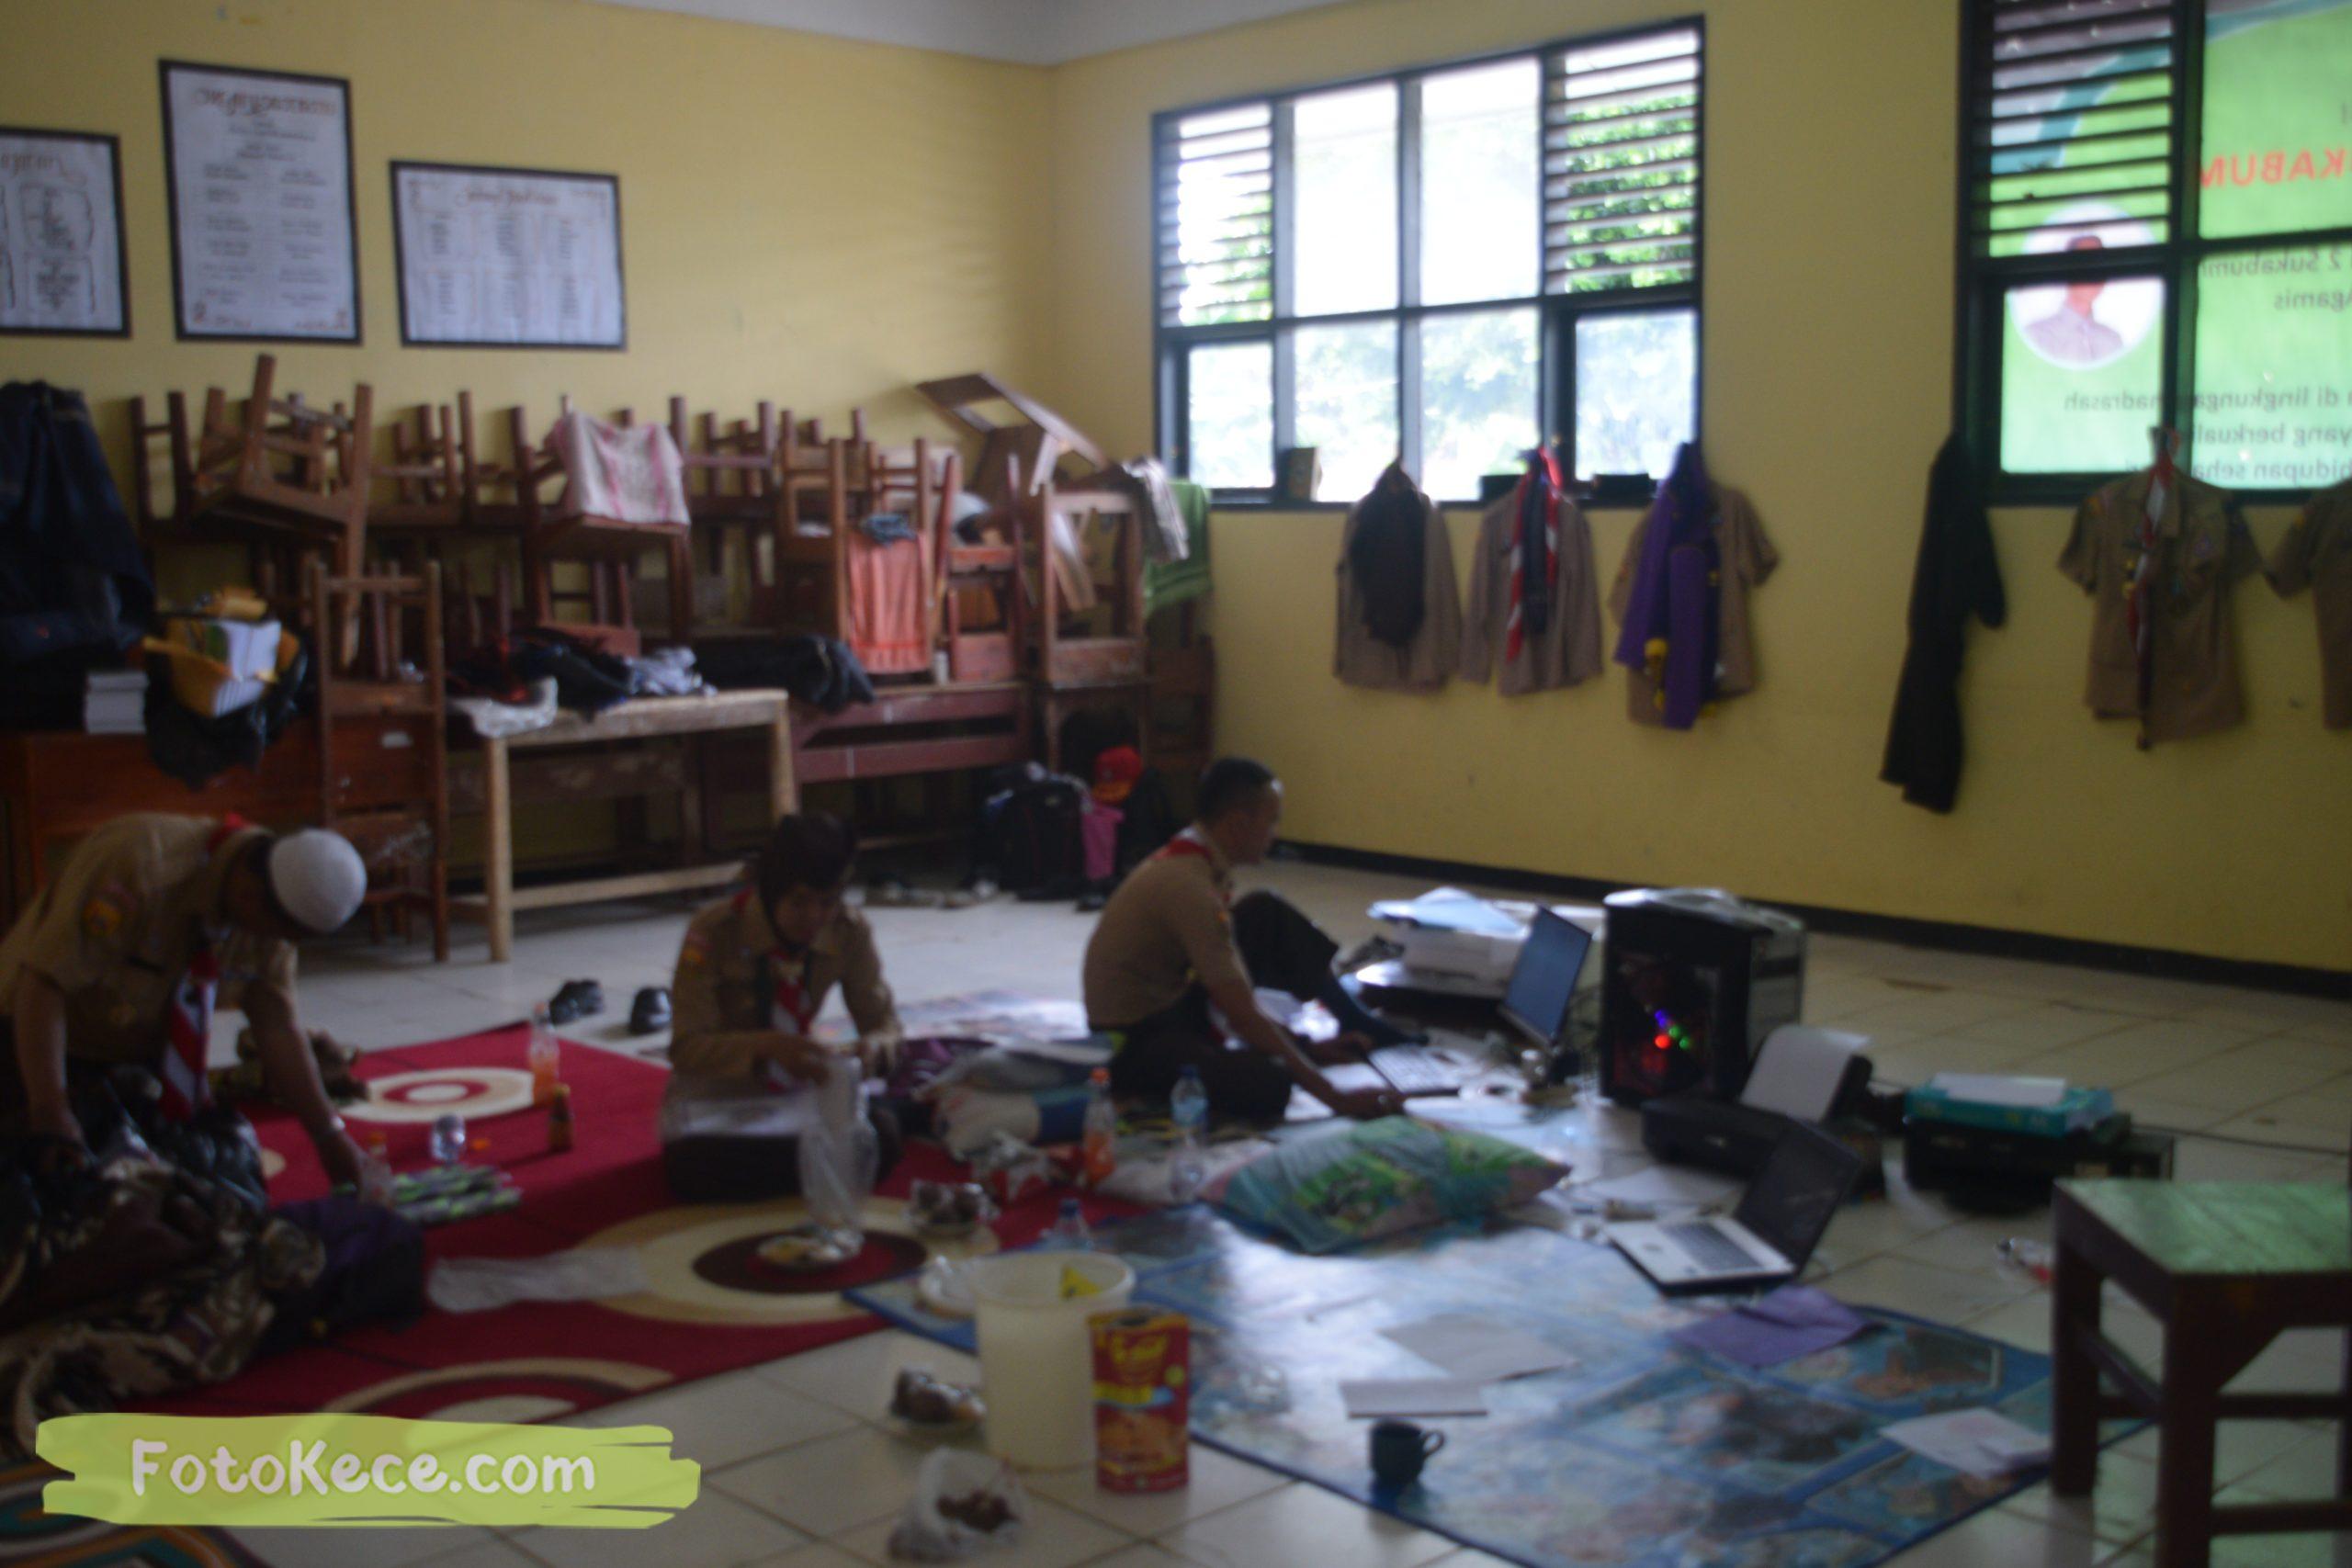 indoor kursus pembina mahir tingkat dasar kmd kwartir ranting surade 2019 fotokece Des 2019 5 scaled